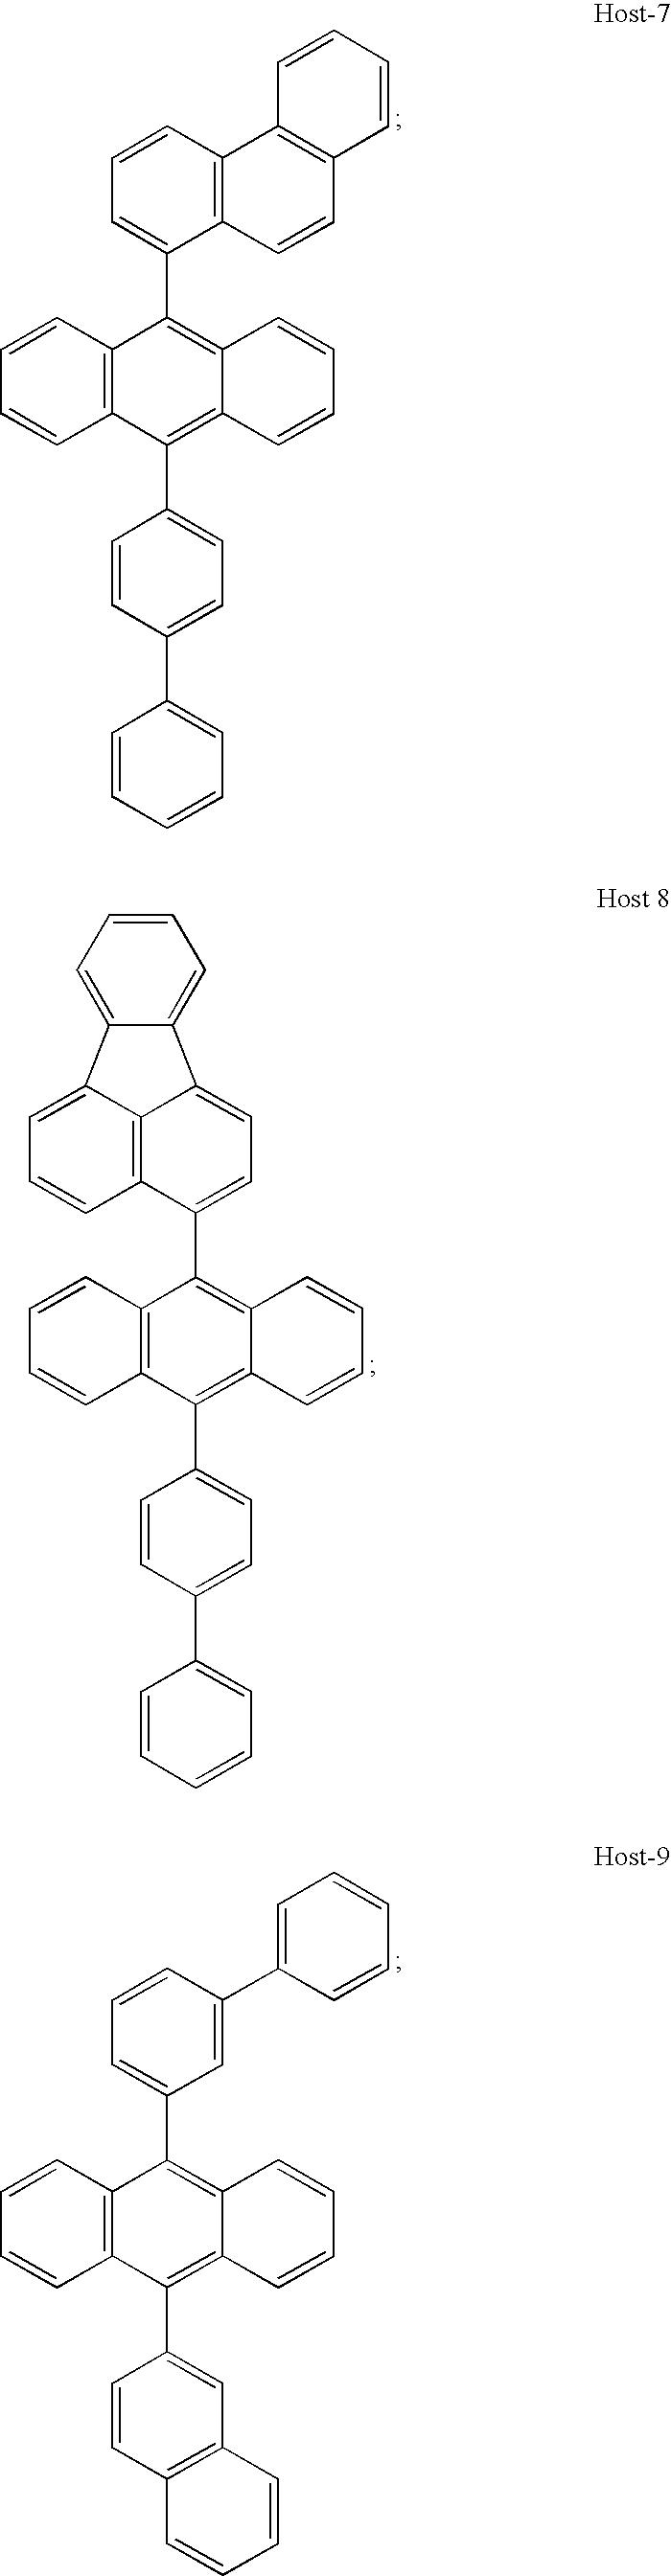 Figure US20060105198A1-20060518-C00006